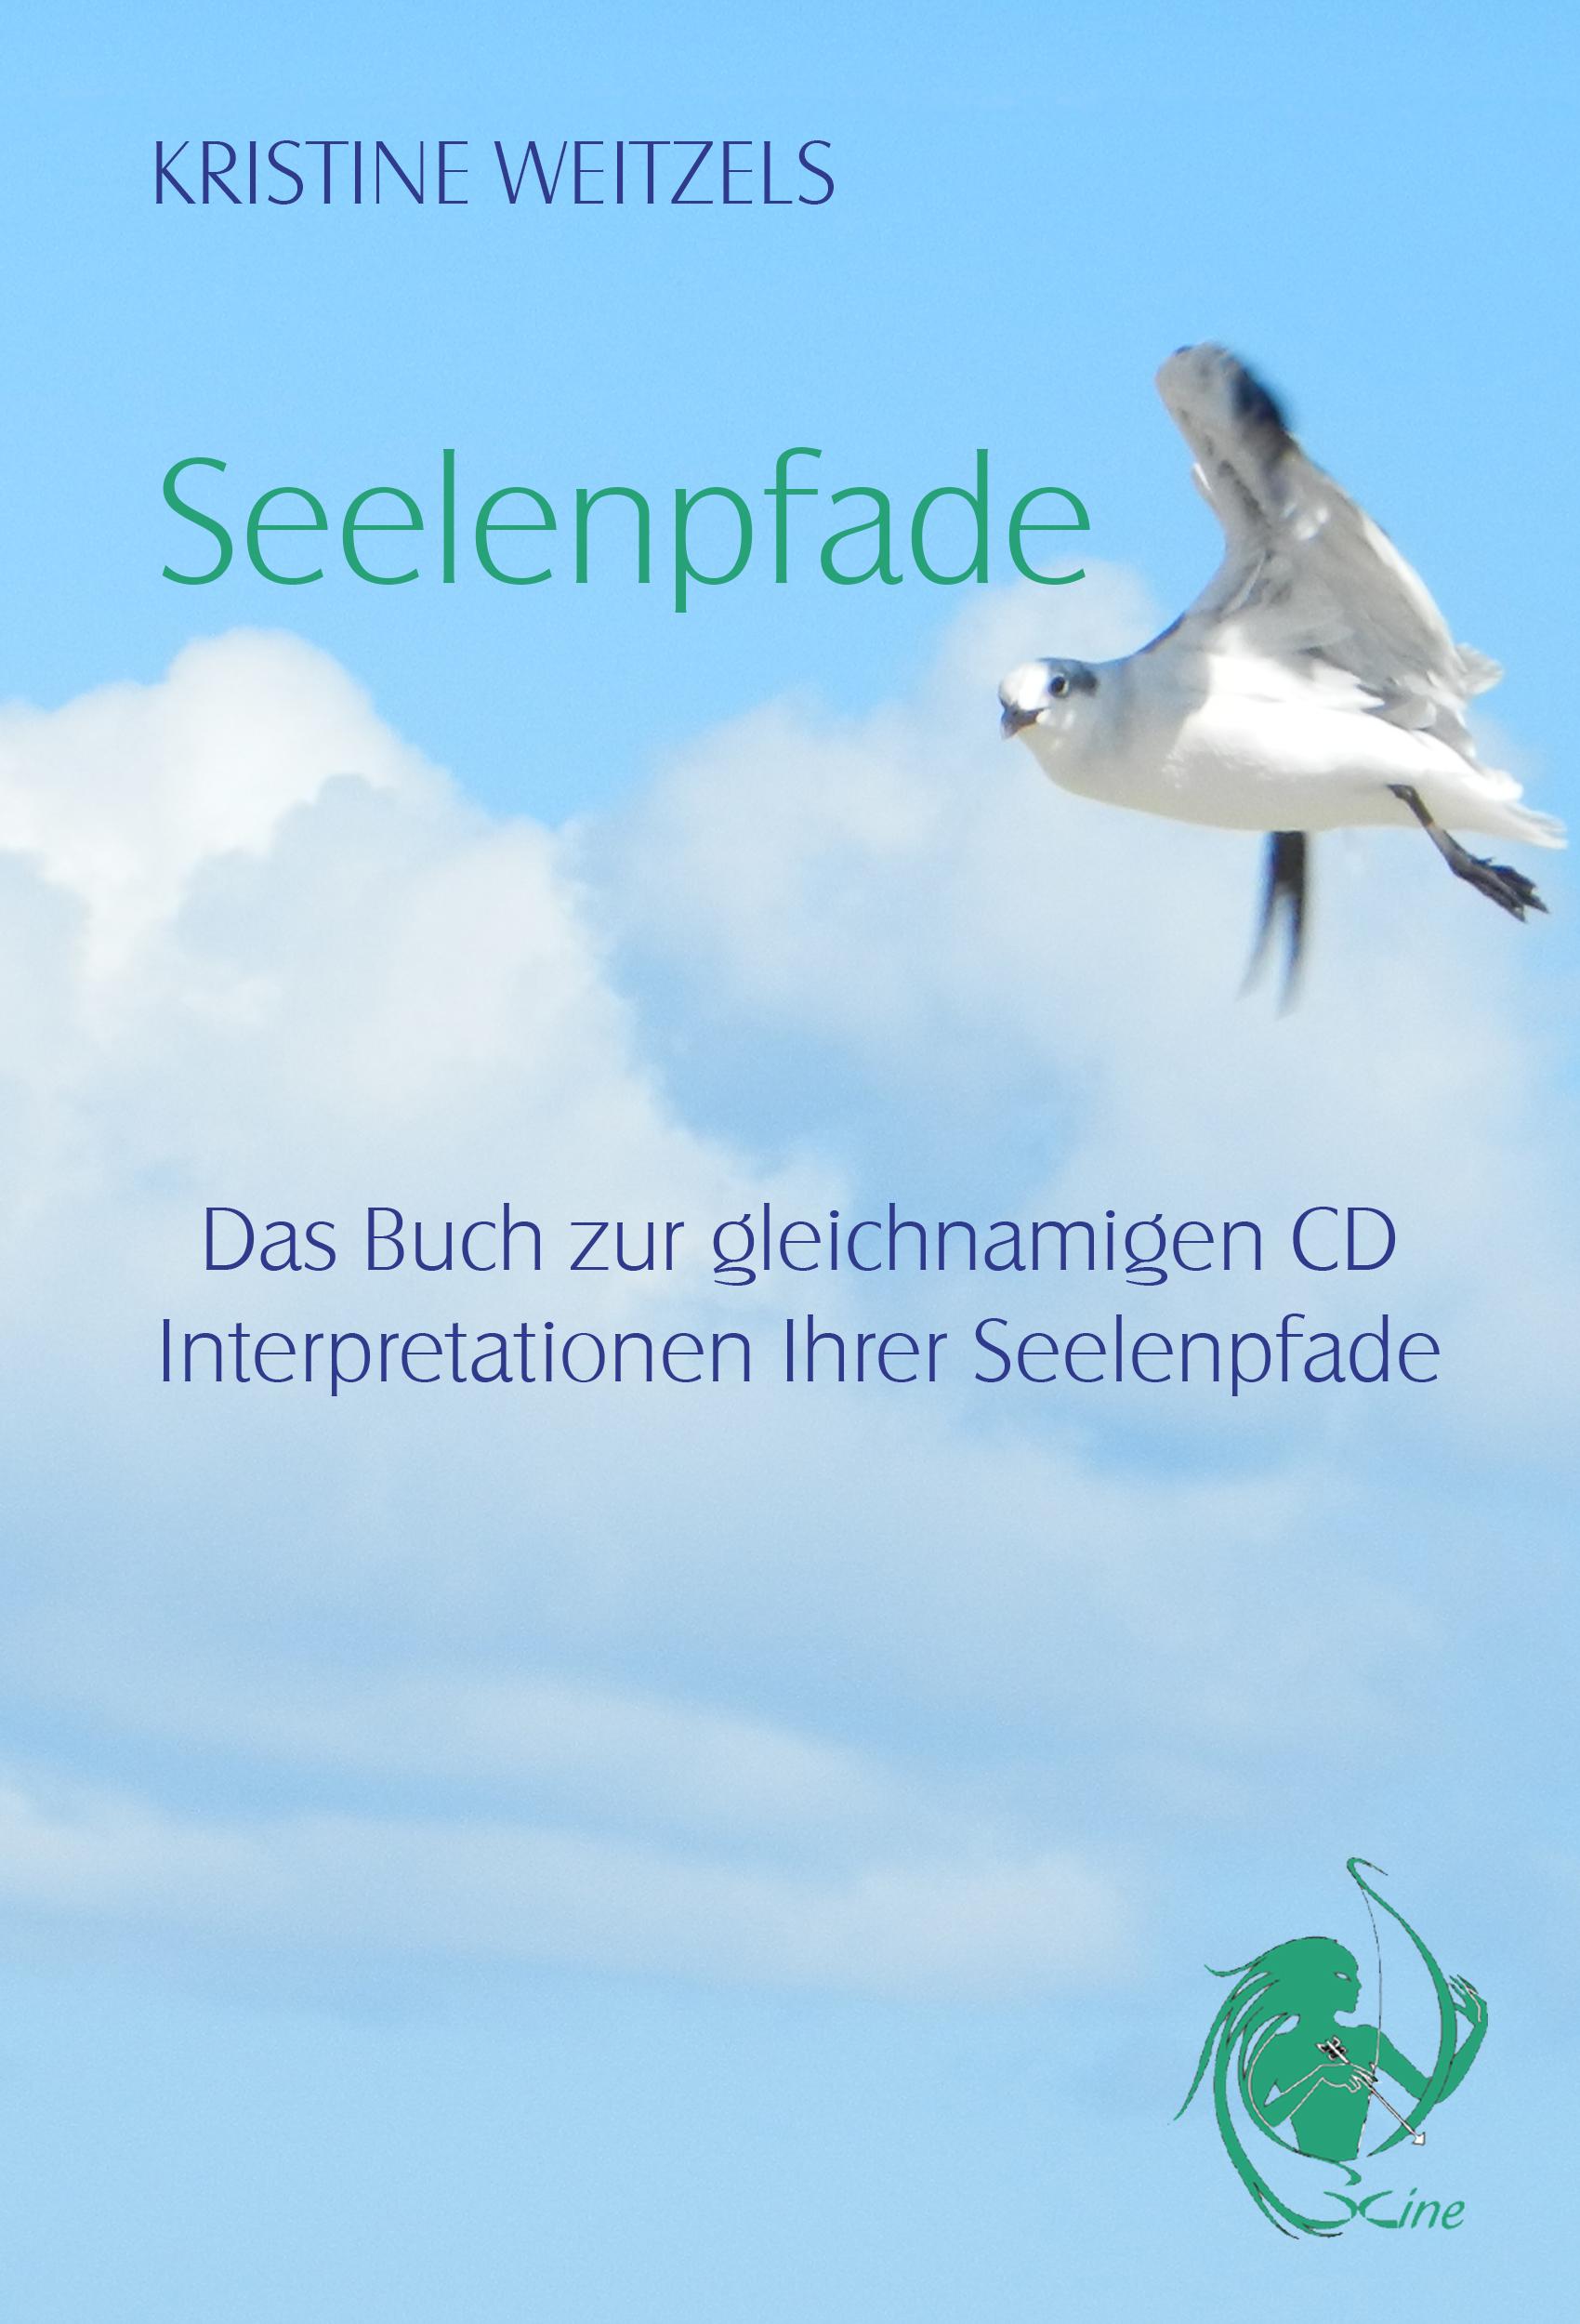 Seelenpfade Booklet Cover